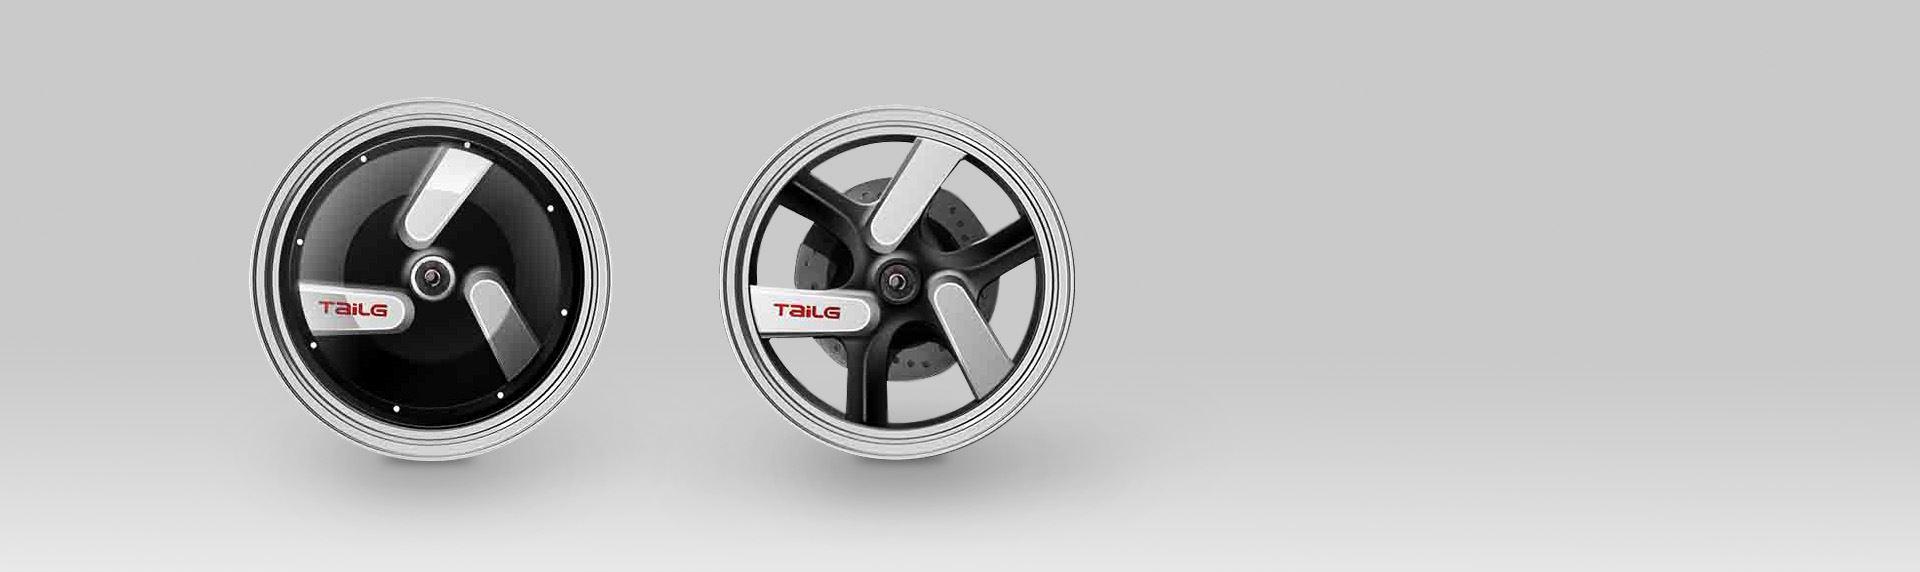 TMT娱乐-电动车机电轮毂